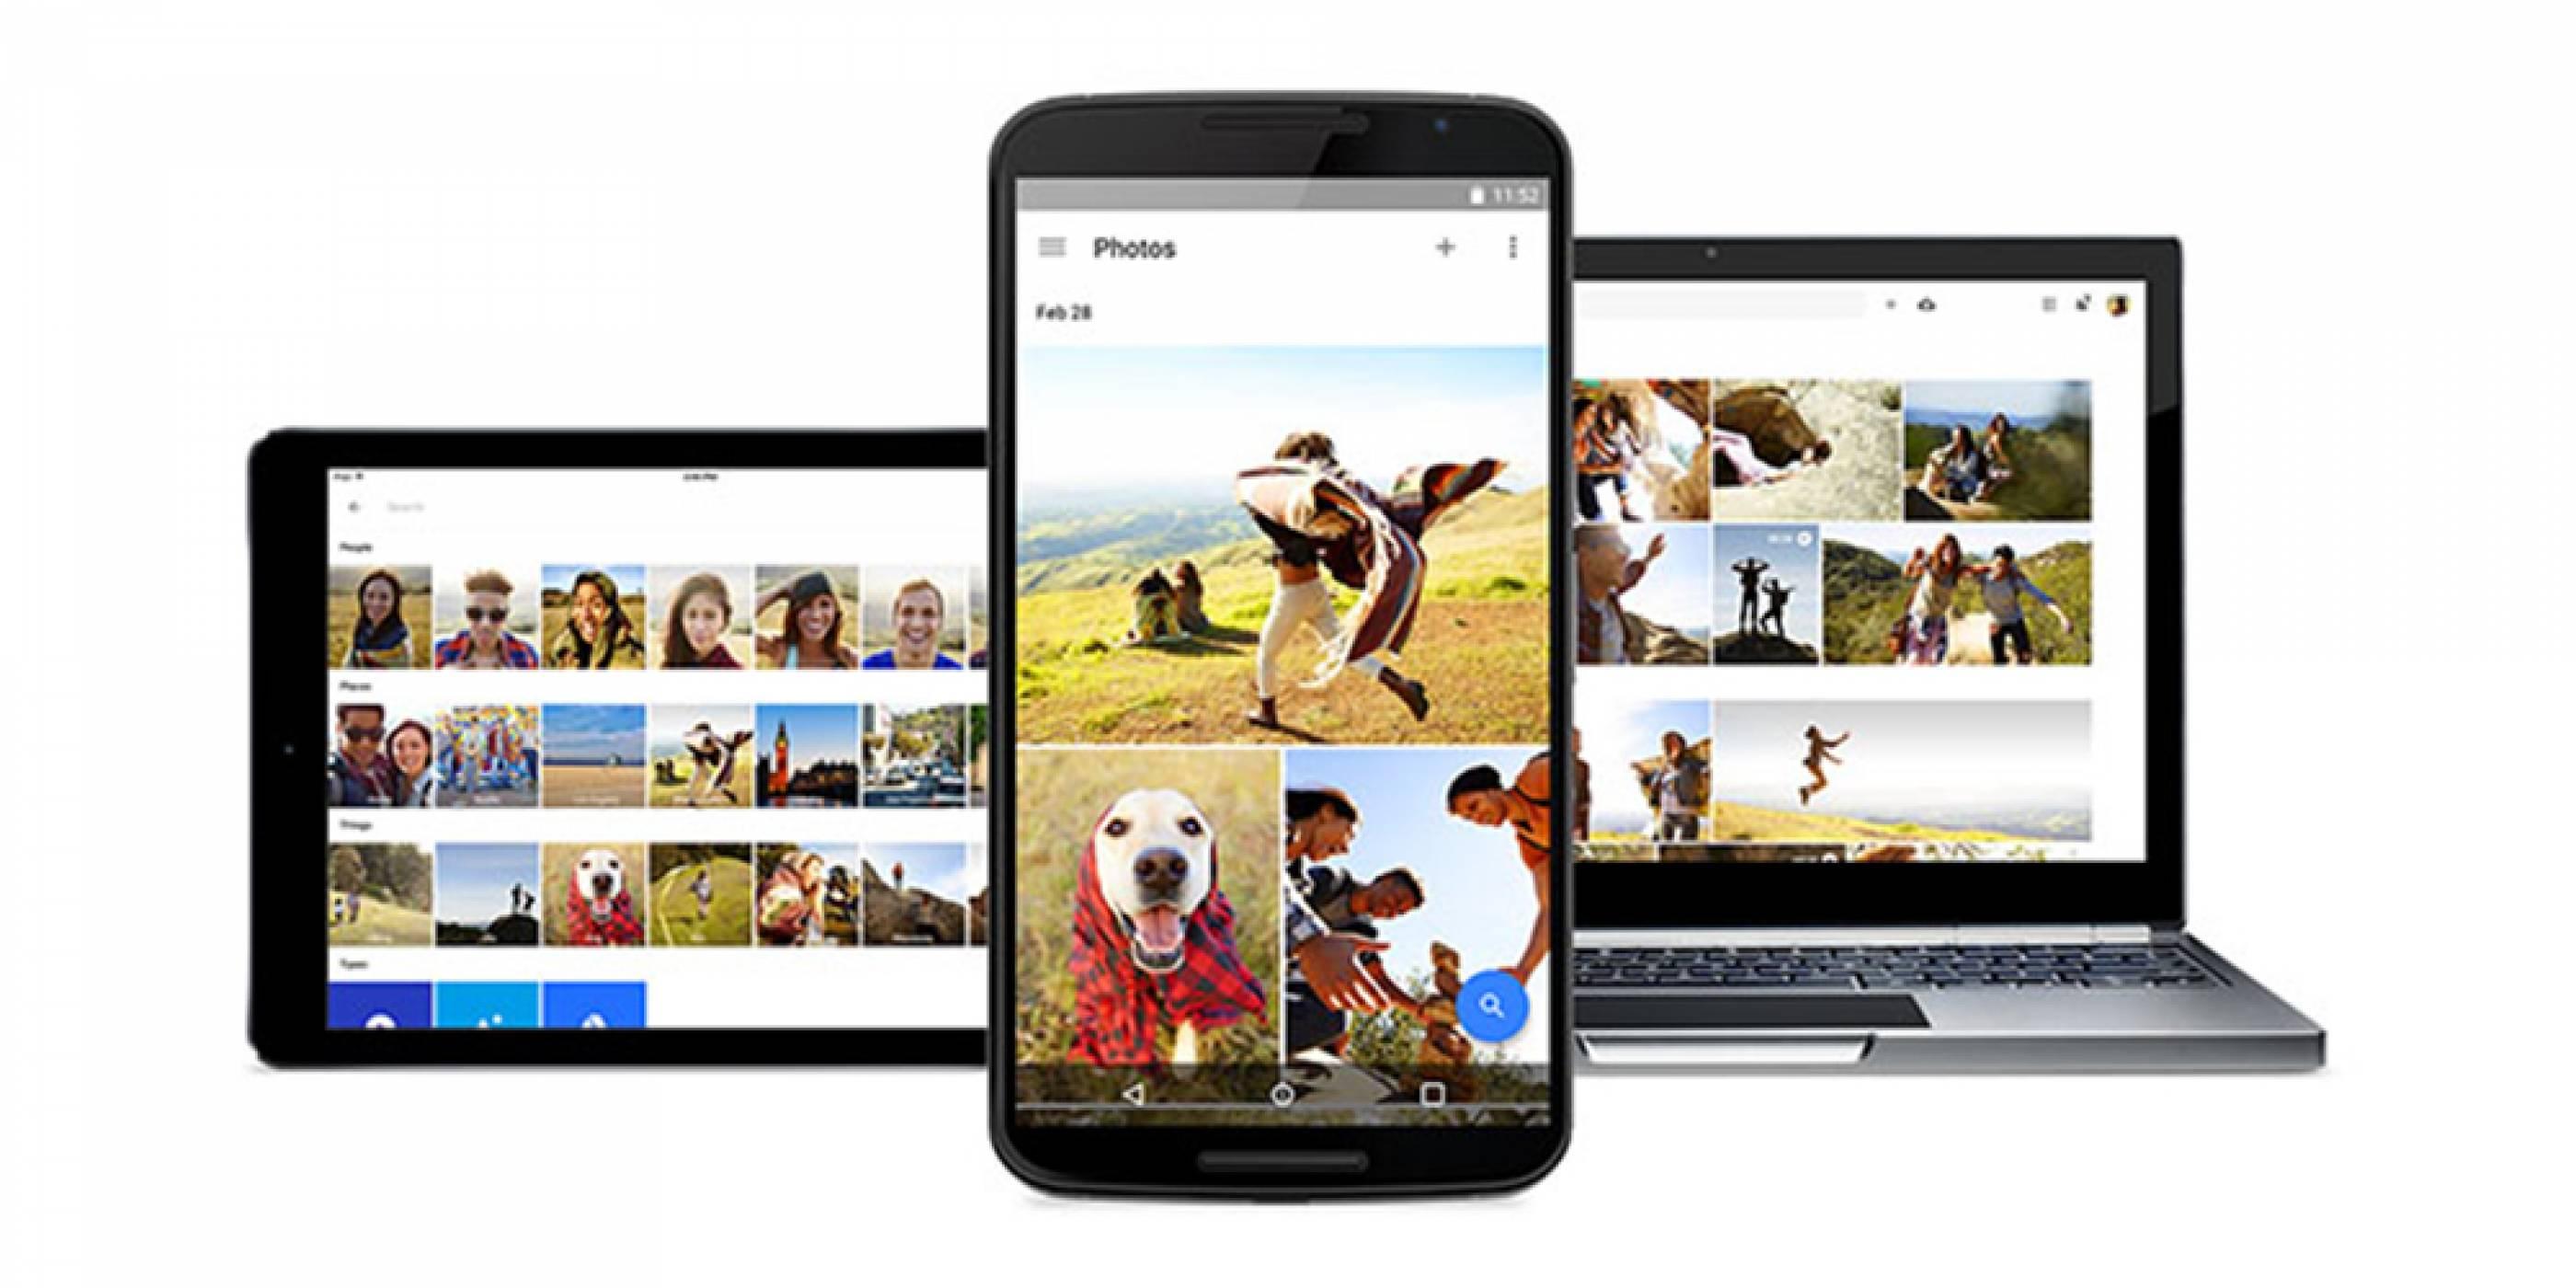 Мобилното приложение на Google Photos вече може да стабилизира видеоклиповете ви